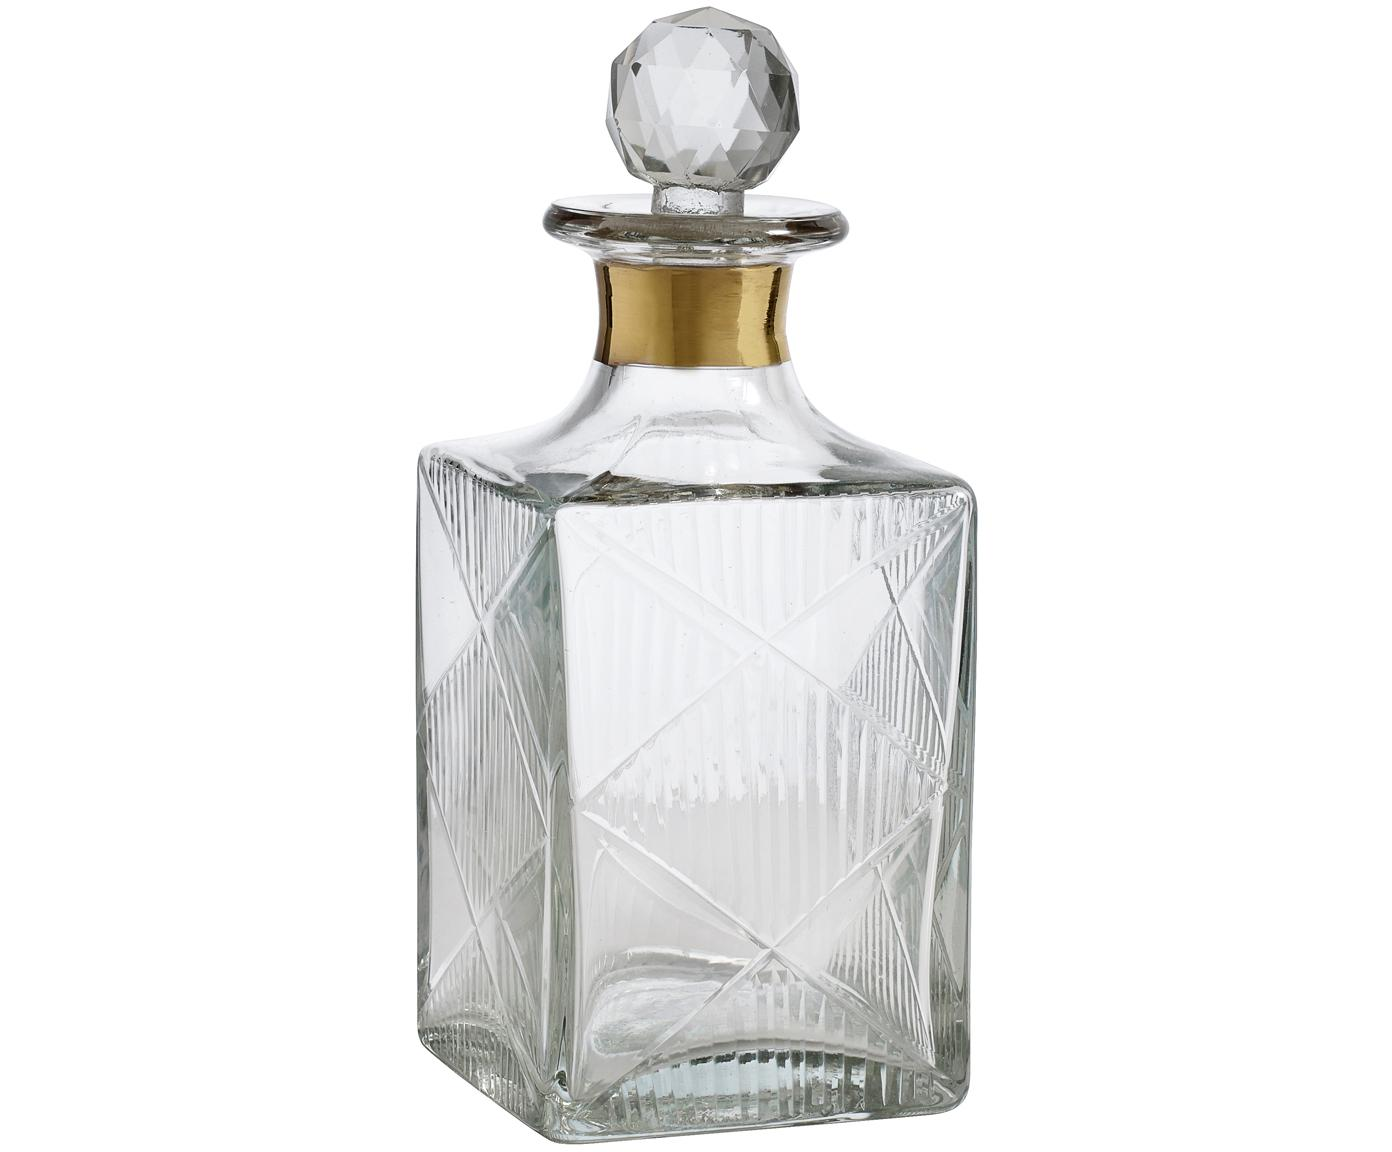 Decantador Diamond, Vidrio, Transparente, dorado, Al 19 cm